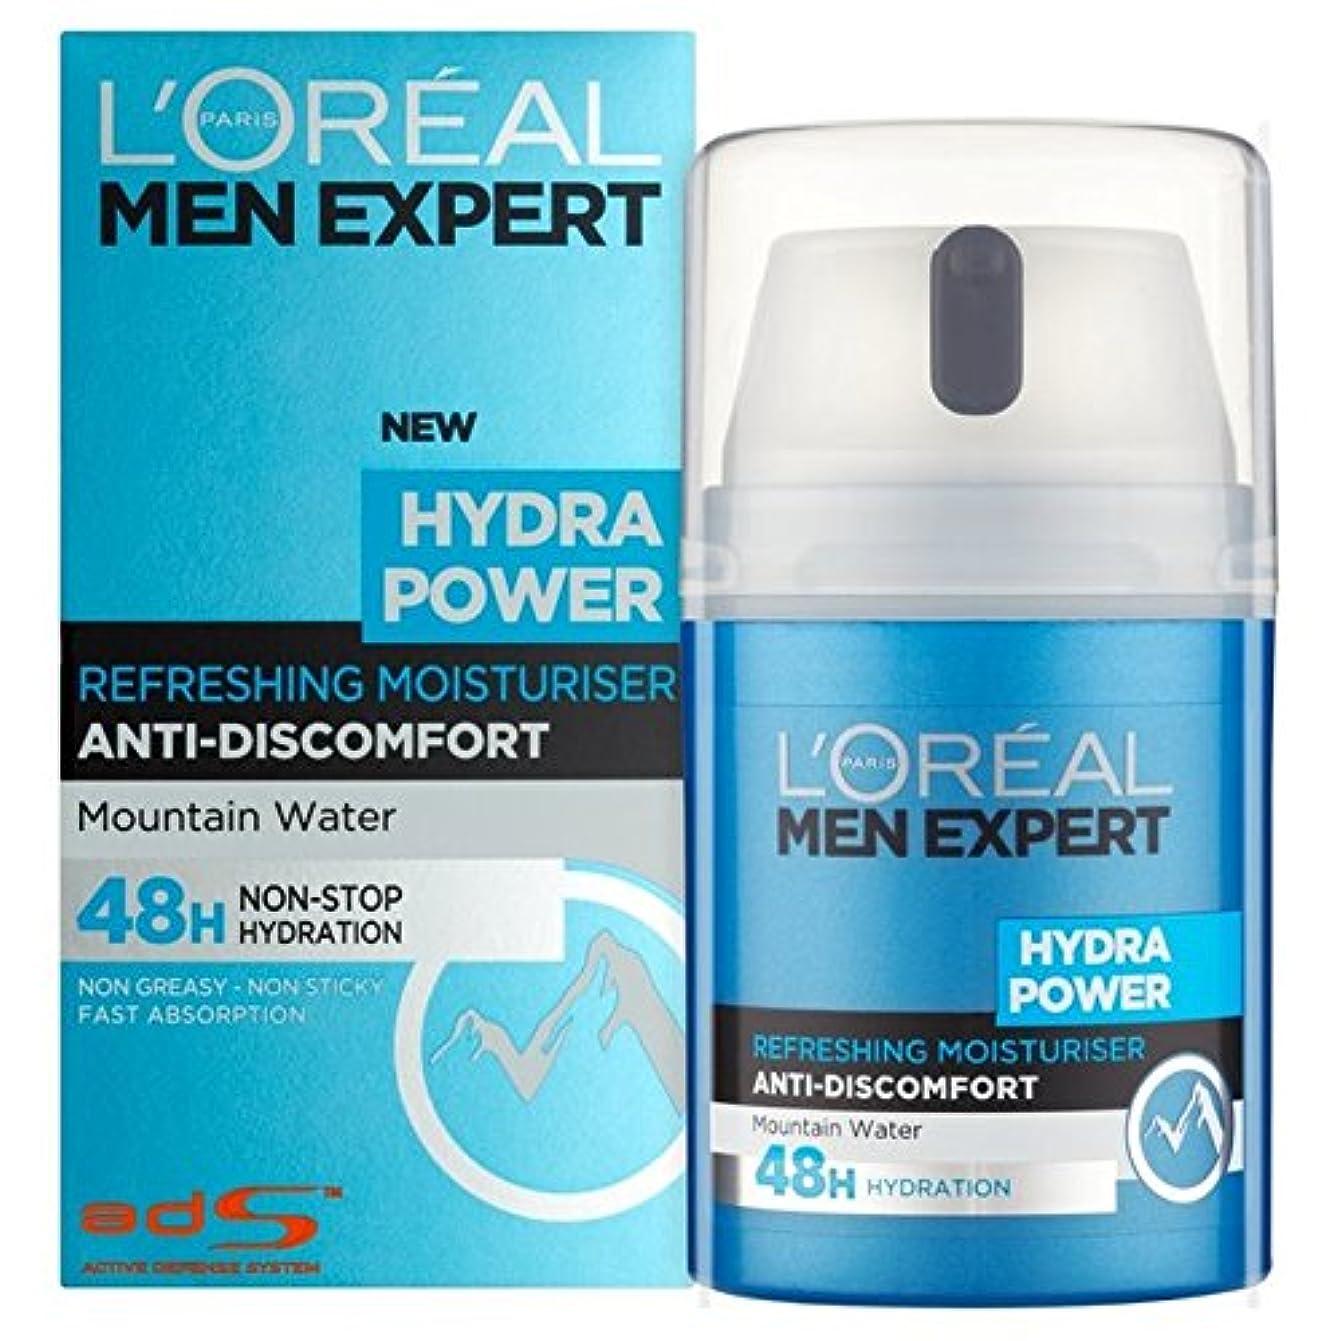 波未知の楽しませるL'Oreal Paris Men Expert Hydra Power Refreshing Moisturiser 50ml - ロレアルパリのメンズ専門ヒドラ電源爽やか保湿50ミリリットル [並行輸入品]